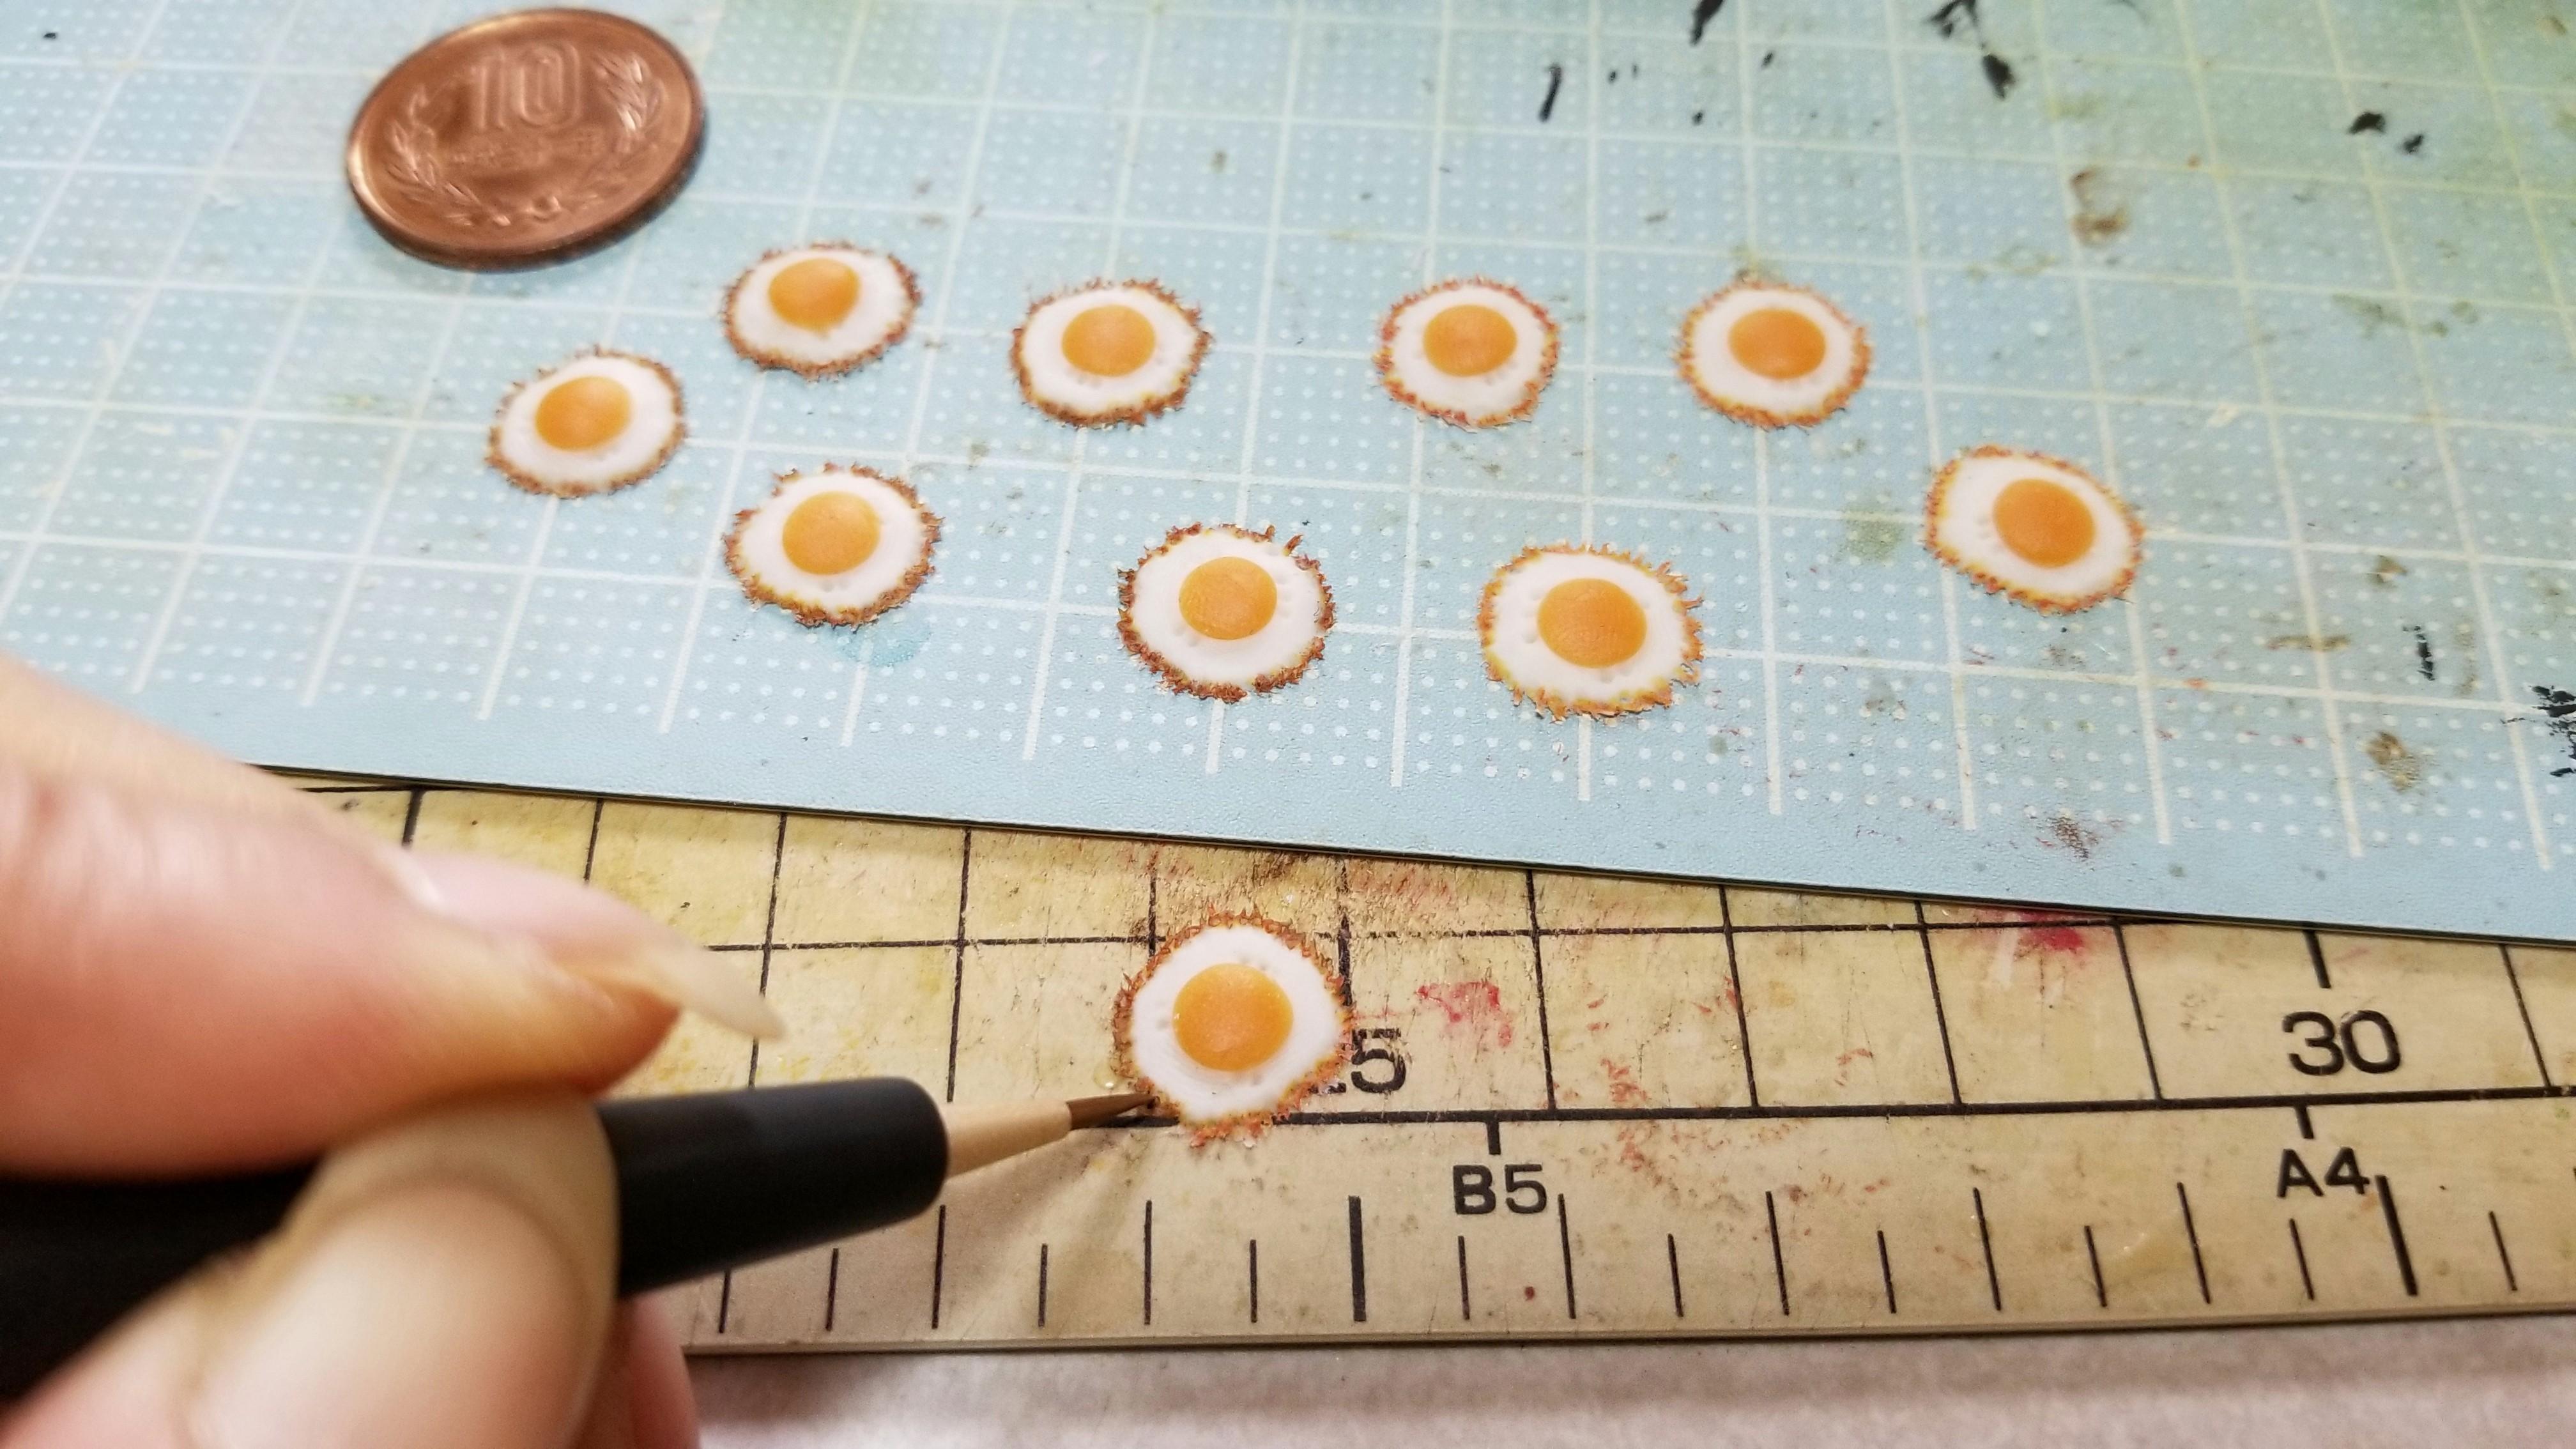 ミニチュアフェイクフード美味しい目玉焼きの作り方おすすめブログ